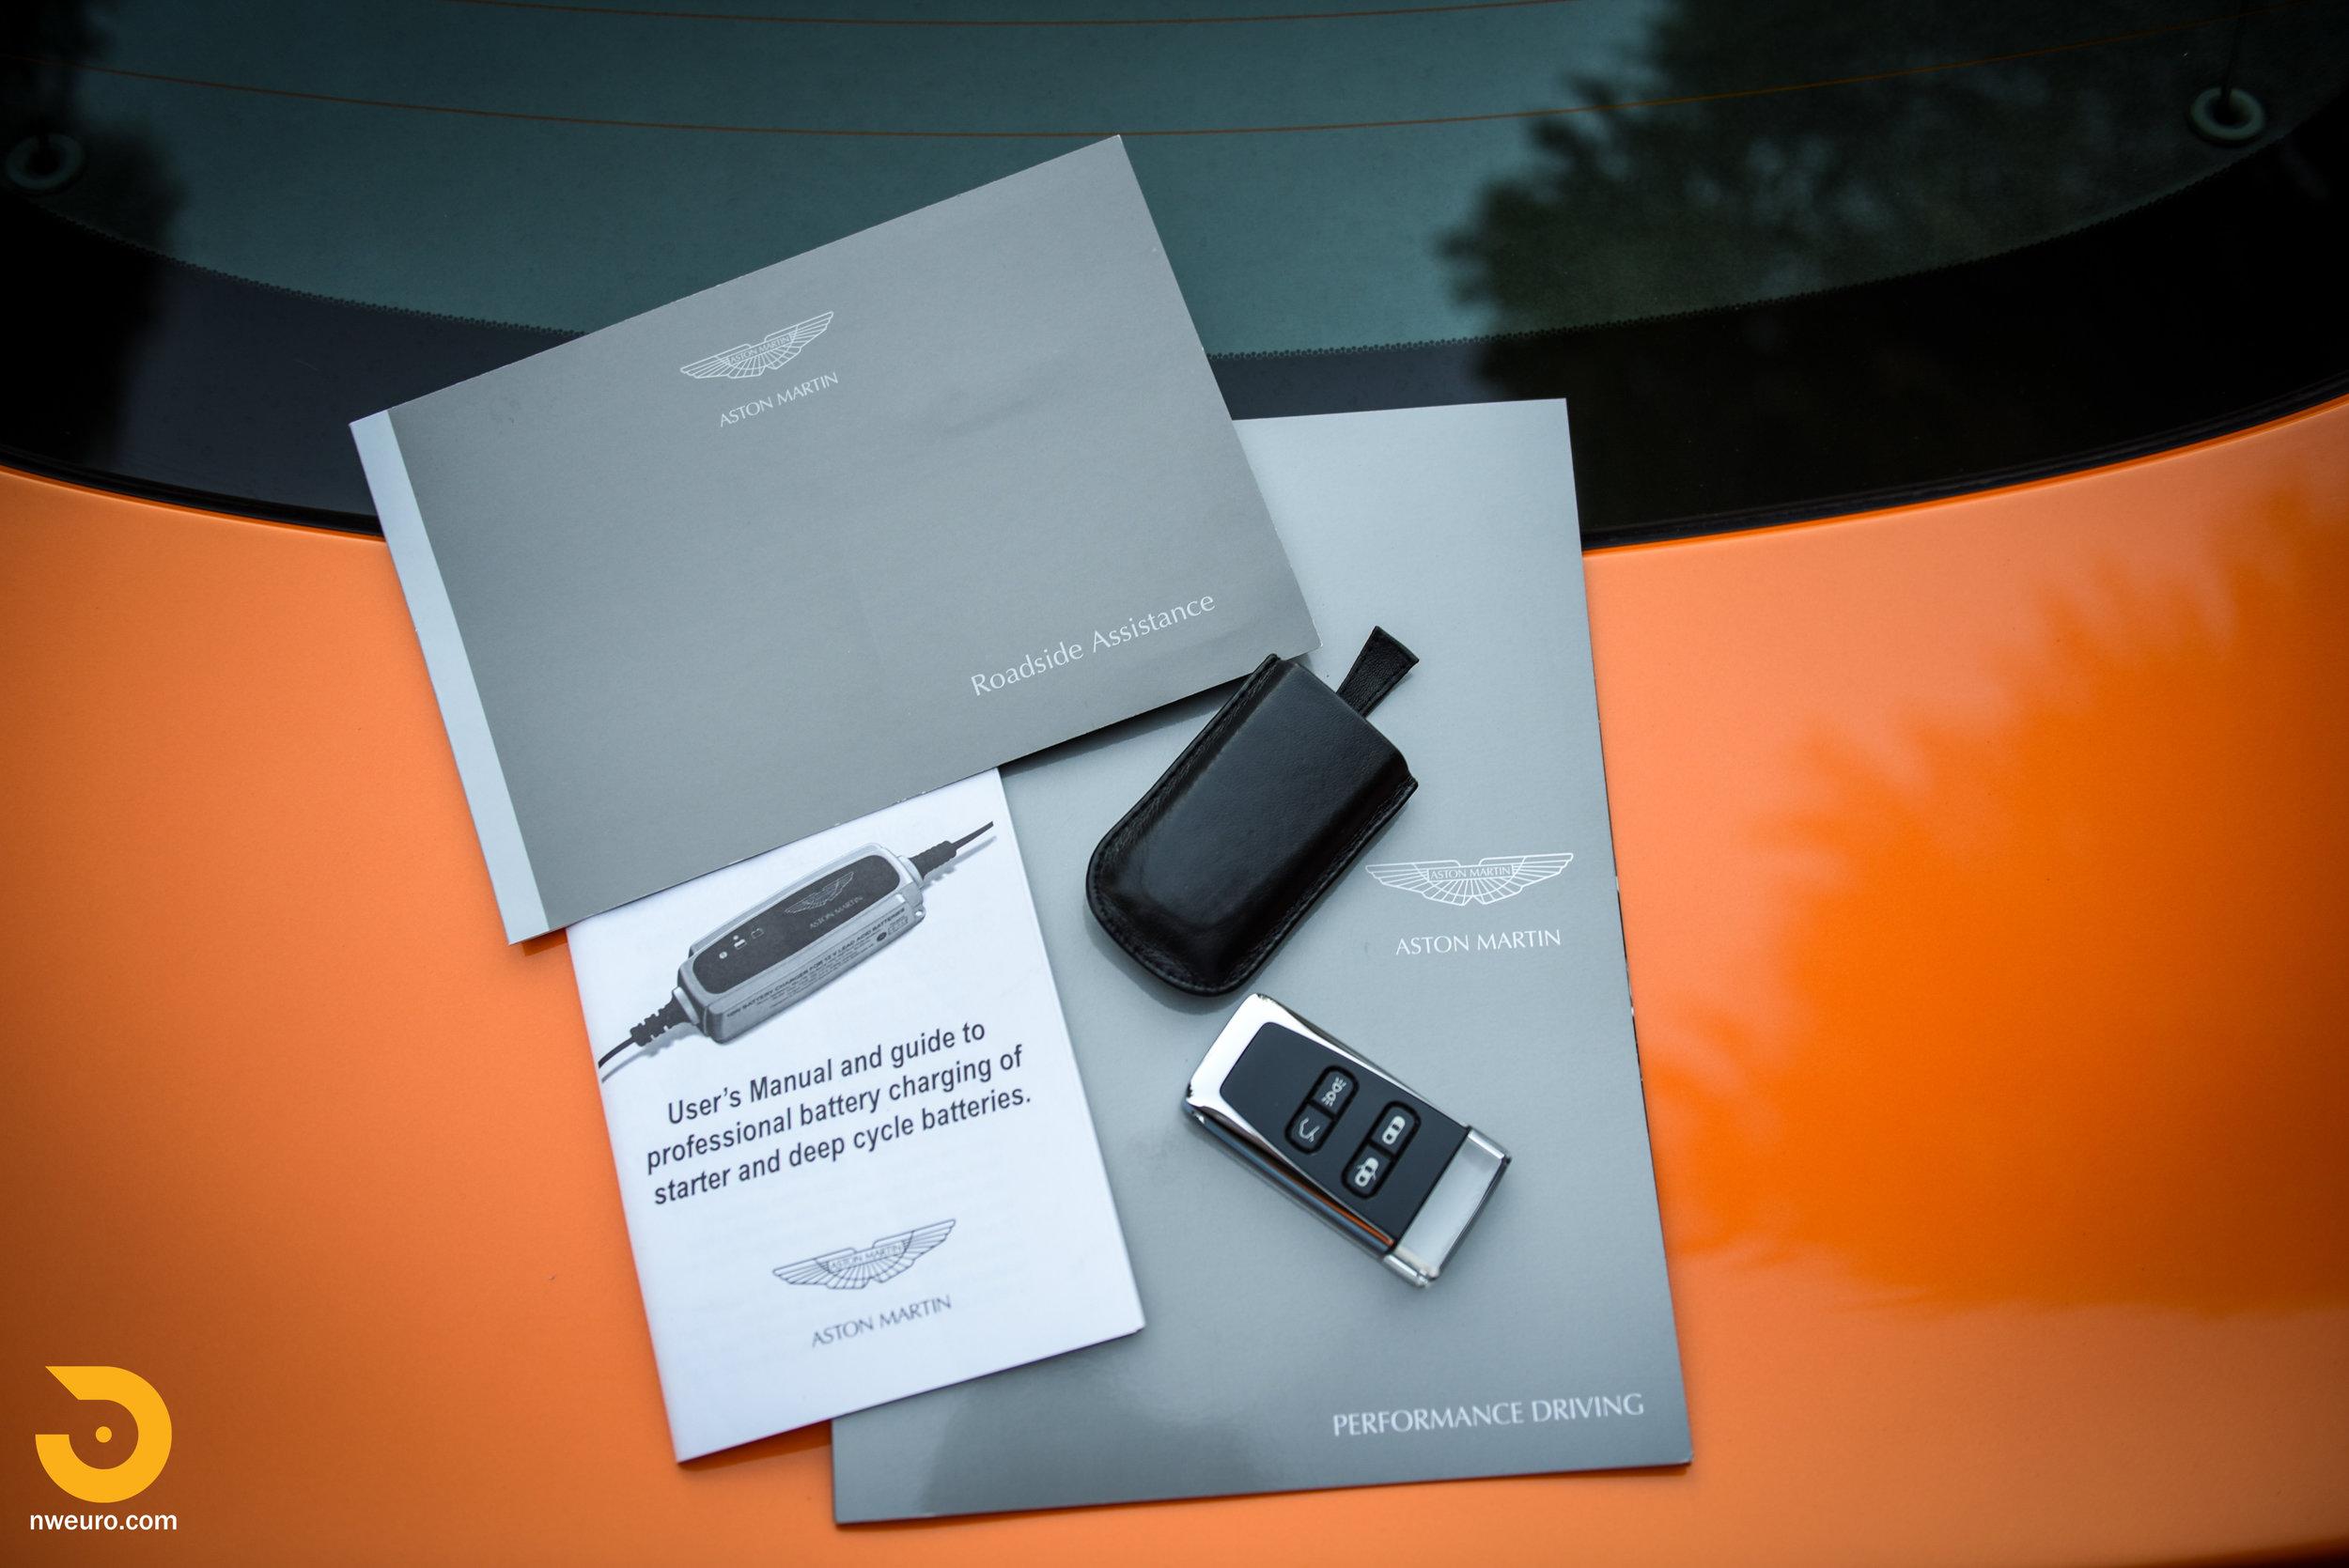 2009 Aston Martin V8 Vantage-54.jpg